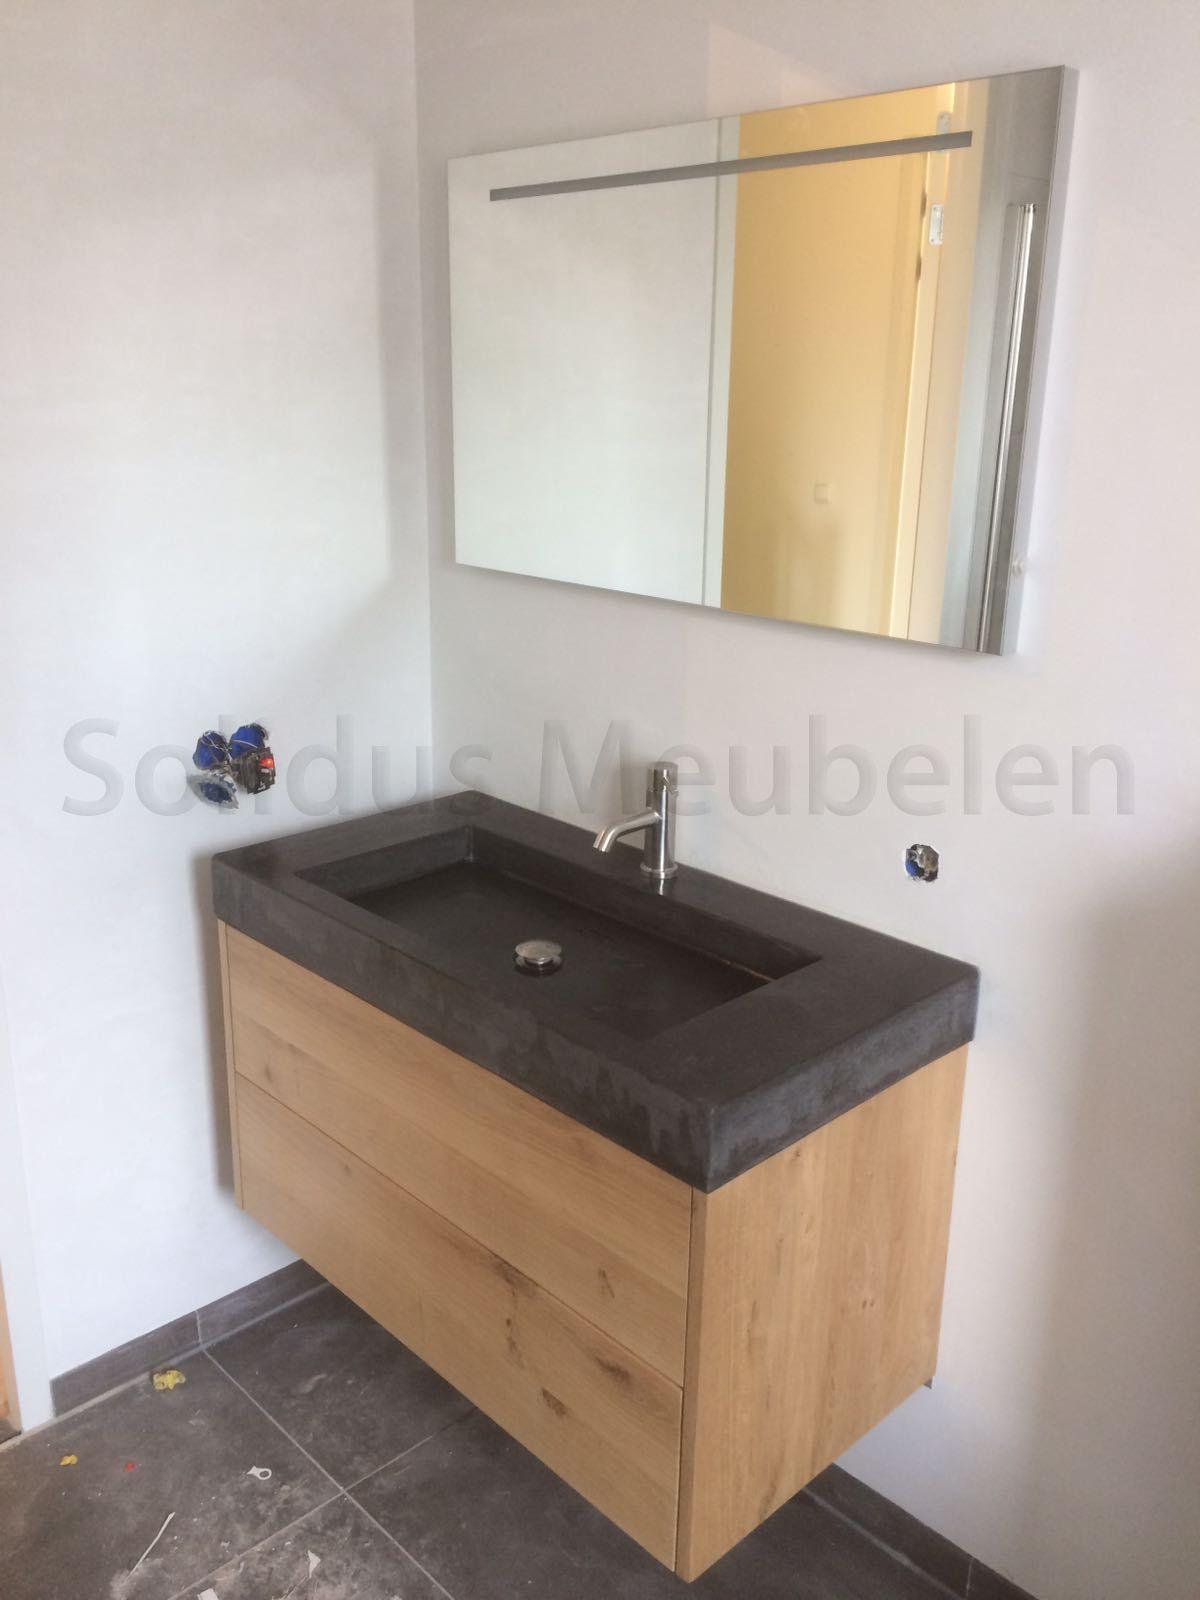 eikenhouten lades met betonnen wastafel badkamermeubel van hout